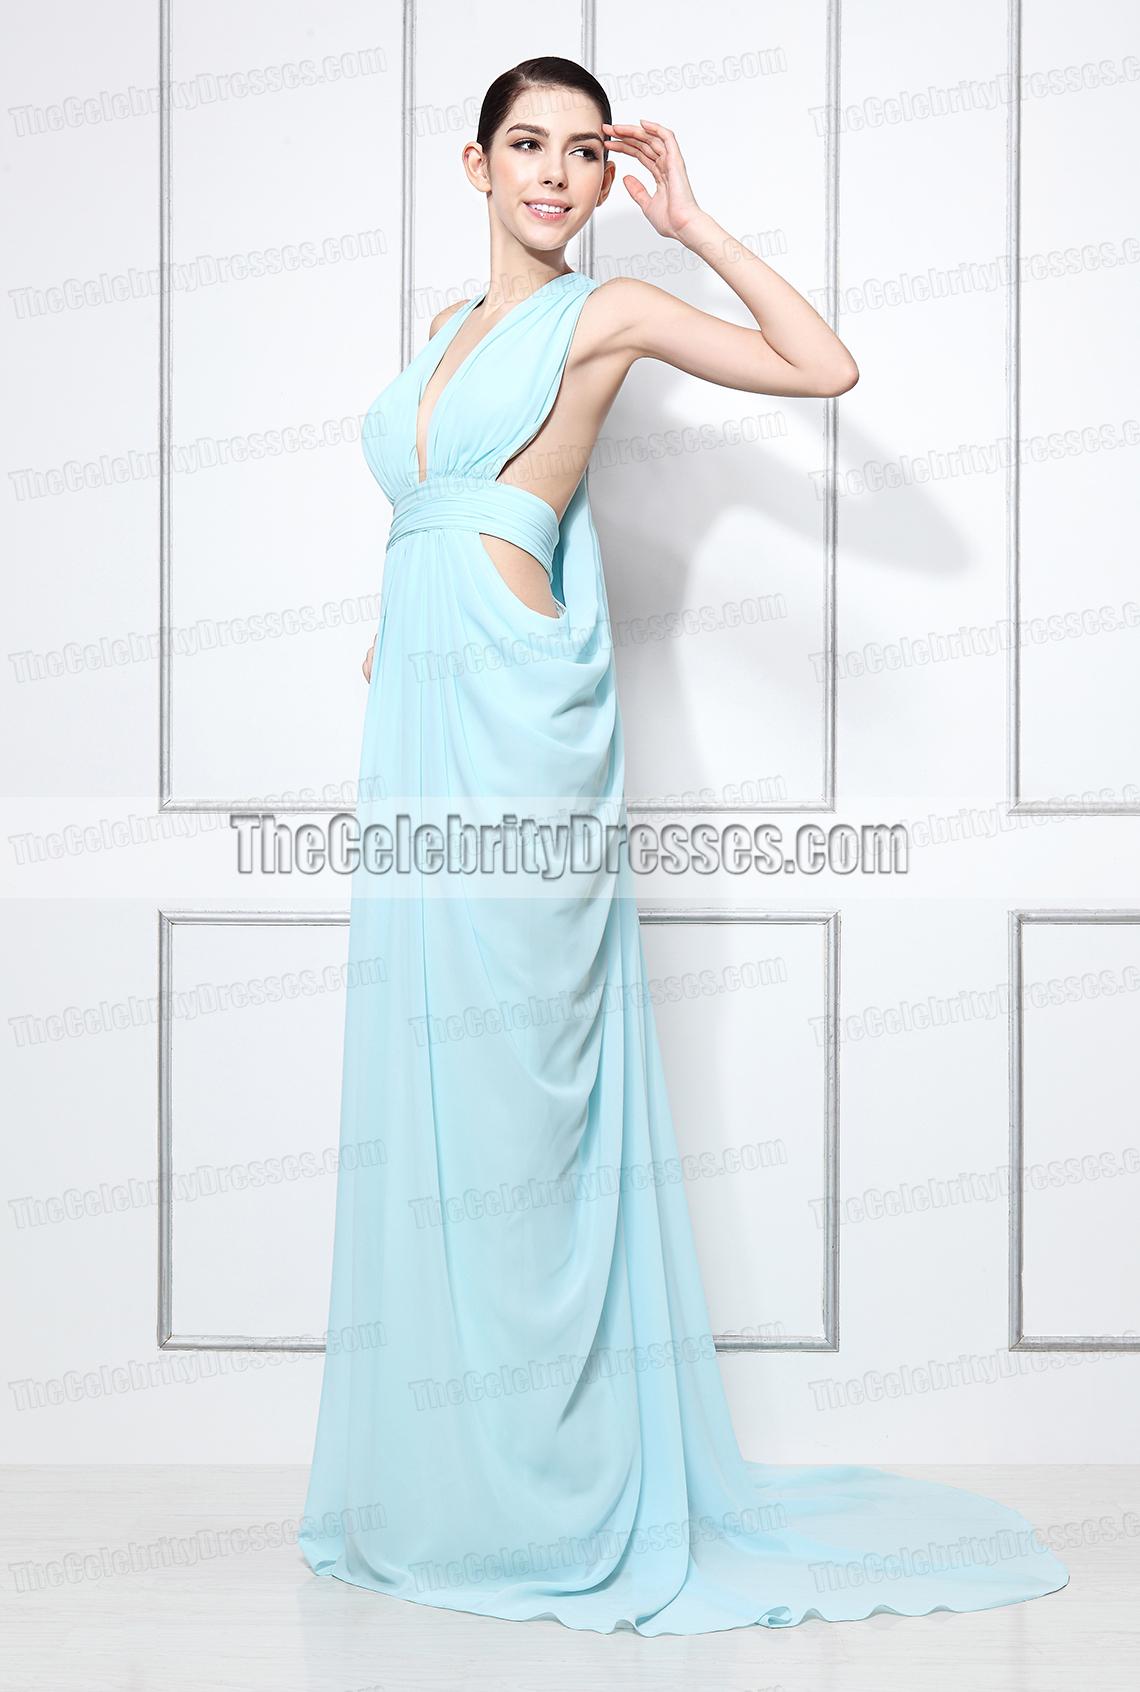 Miranda Kerr Light Blue Halter Prom Evening Dress 2012 Women of ...